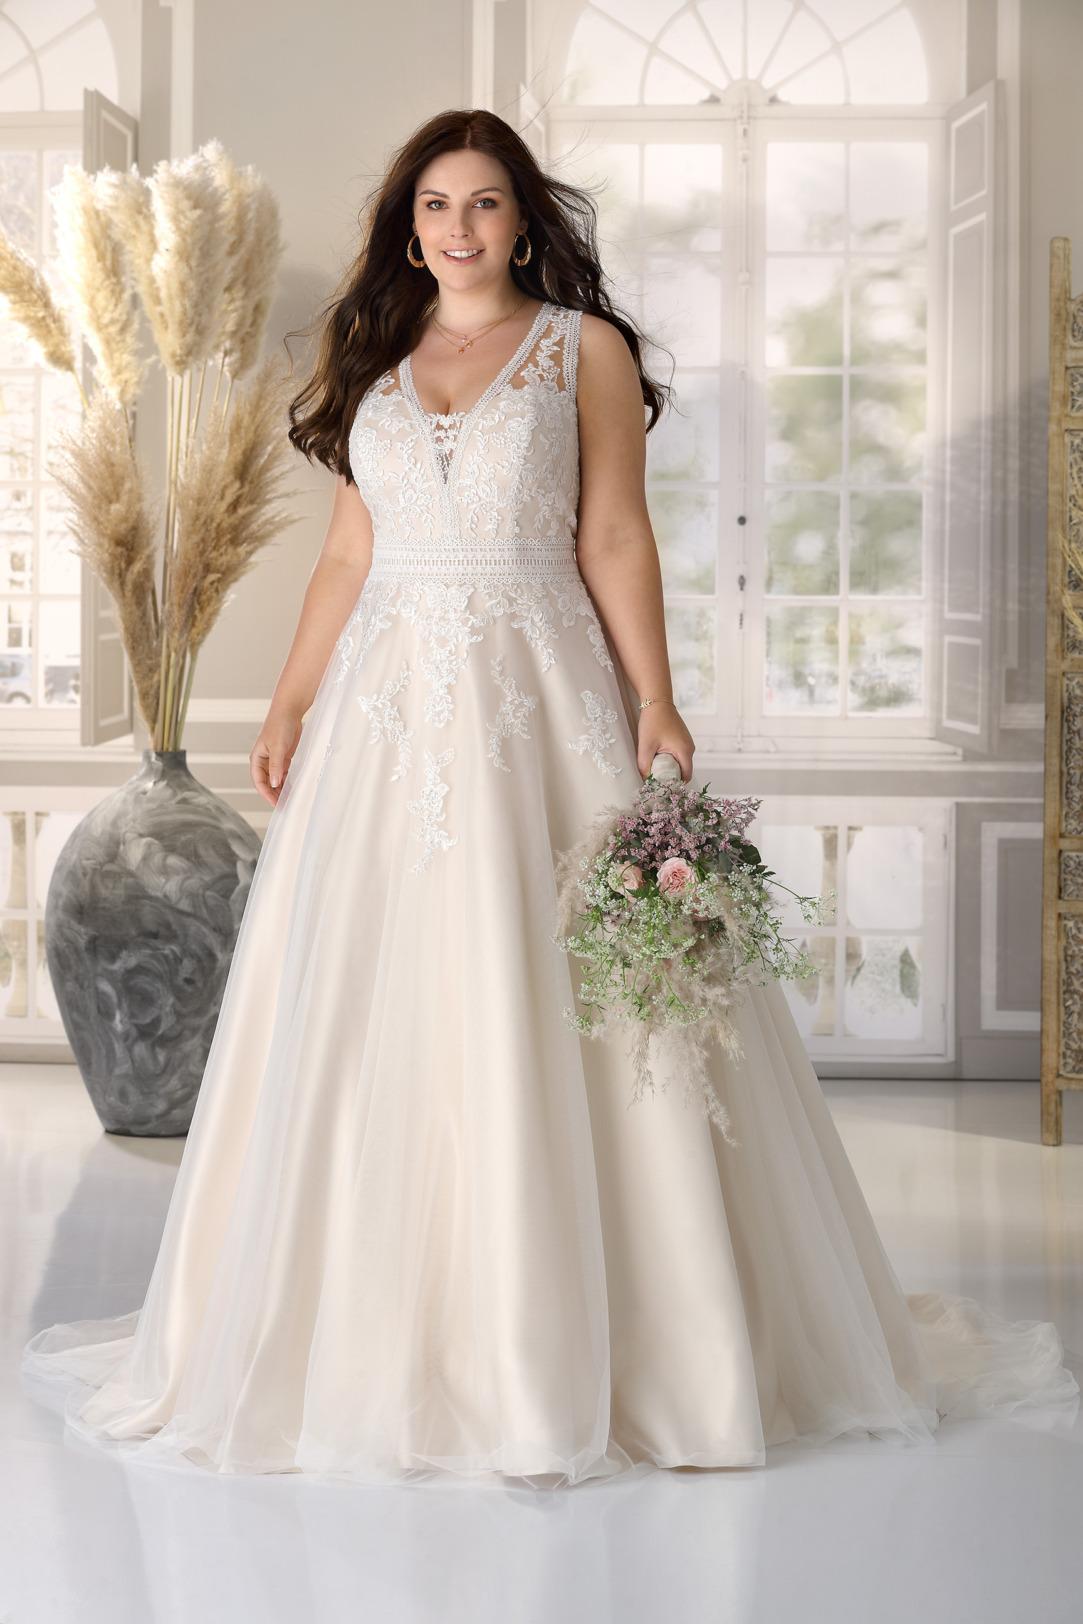 Brautkleid Hochzeitskleid in A Linie für curvy grosse Grössen von Ladybird Modell LS721004 mit V Ausschnitt und breiten Trägern Spitzen Applikationen das Kleid in der Farbe light rose gold